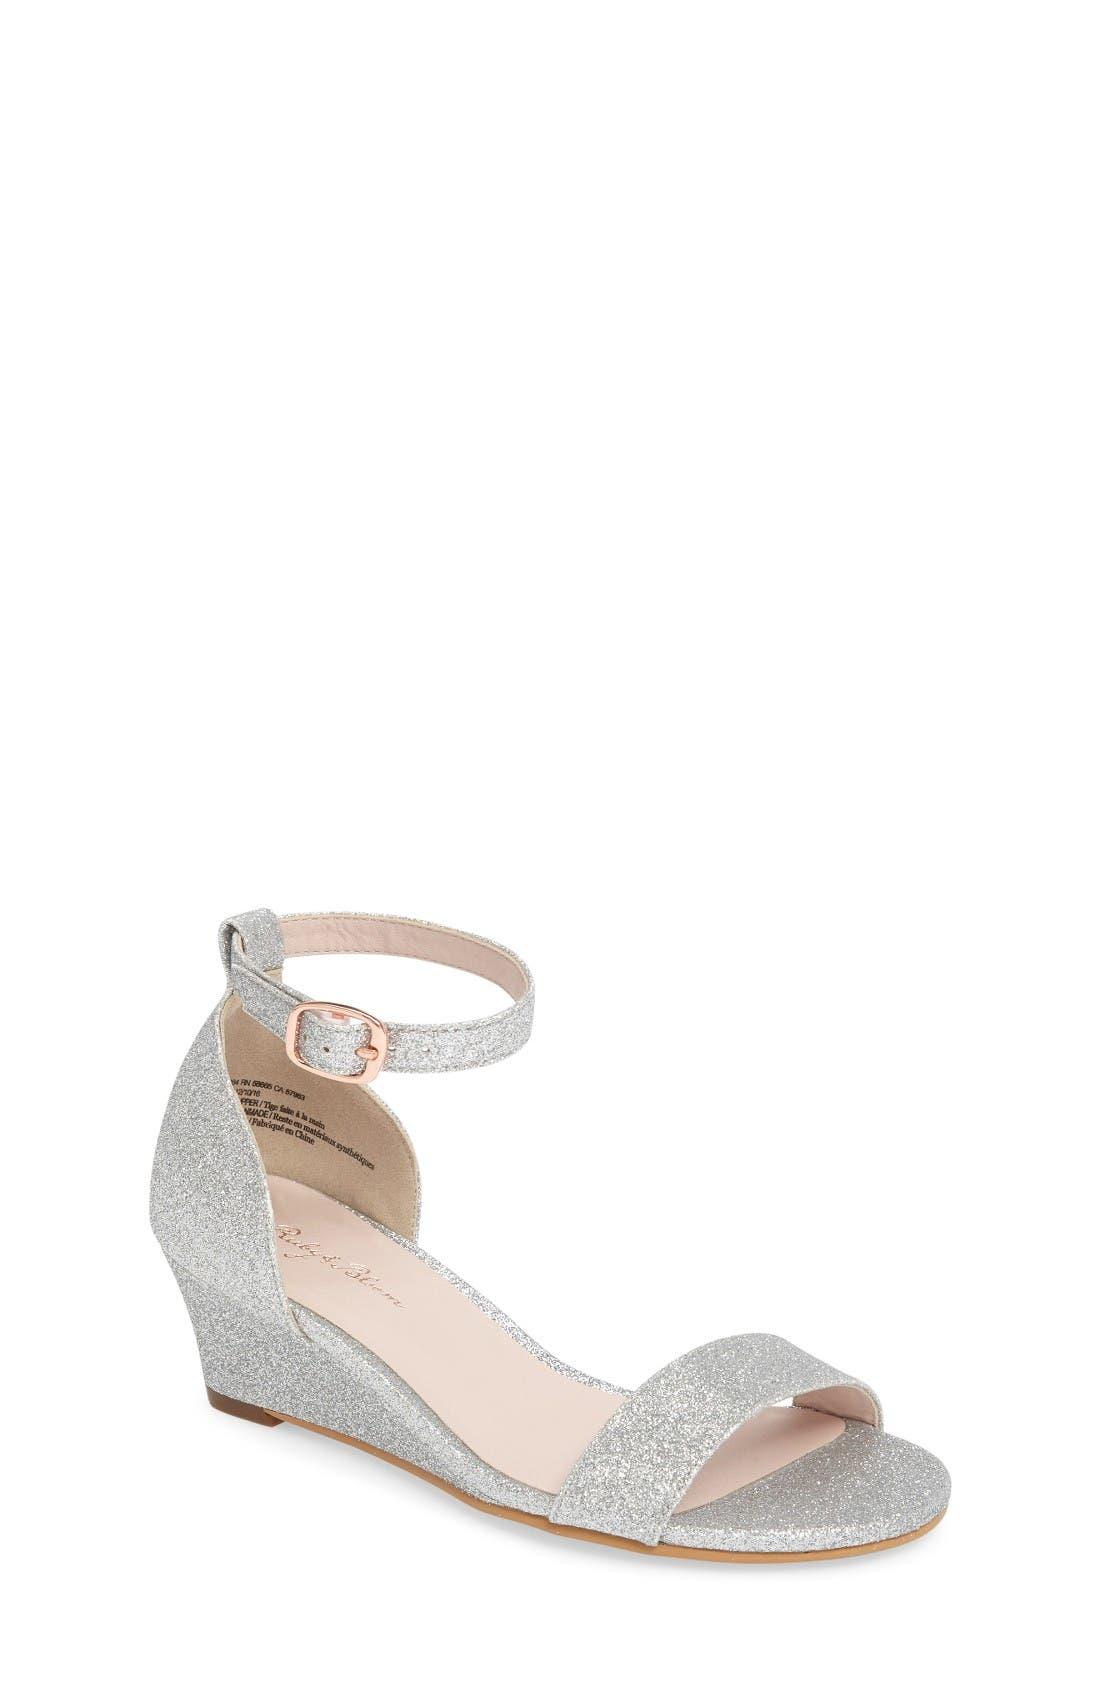 RUBY & BLOOM Wedge Sandal